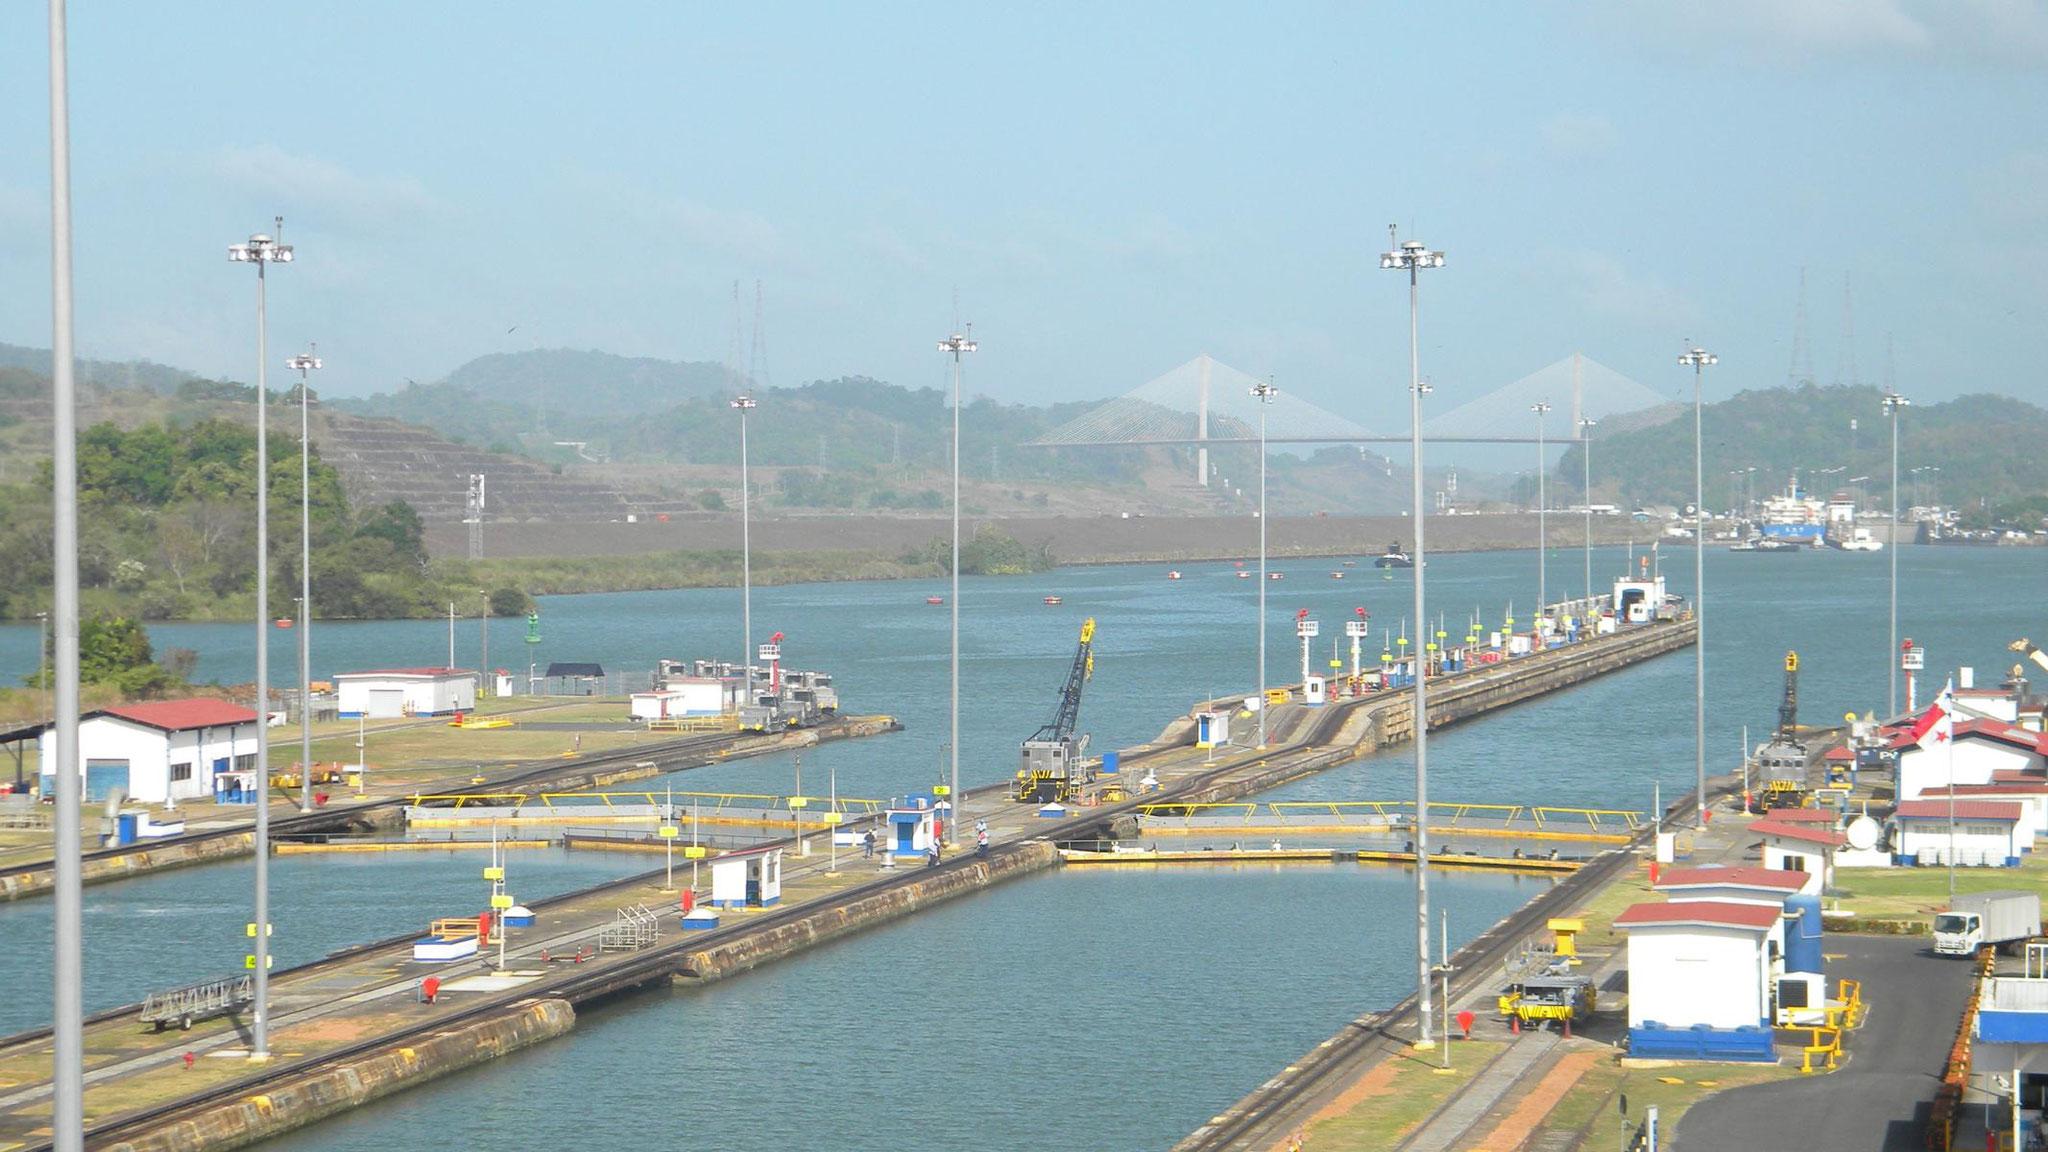 Blick auf die Pedro Miguel Schleuse und die Brücke Puente Centenario